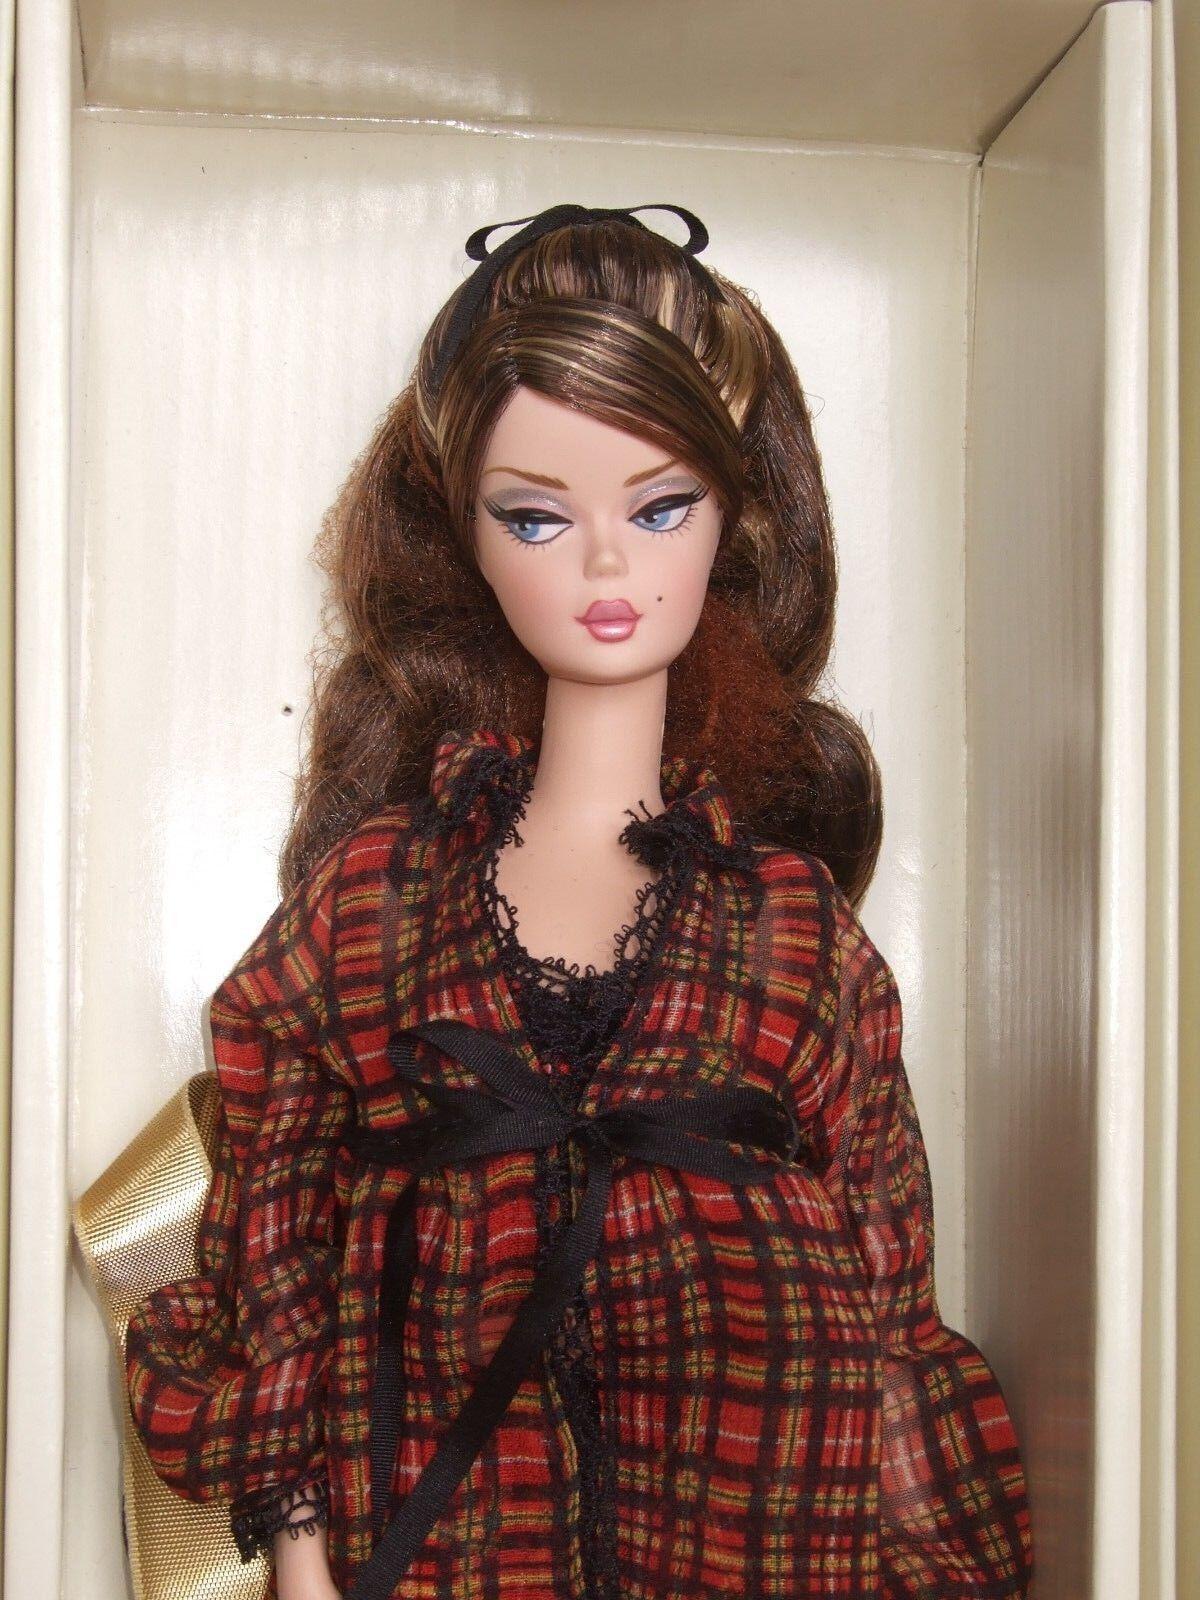 Difficile da trovare MATTEL SILKSTONE Barbie nuovo  con scatola Nuovo di zecca con scatola 2005  moda classica